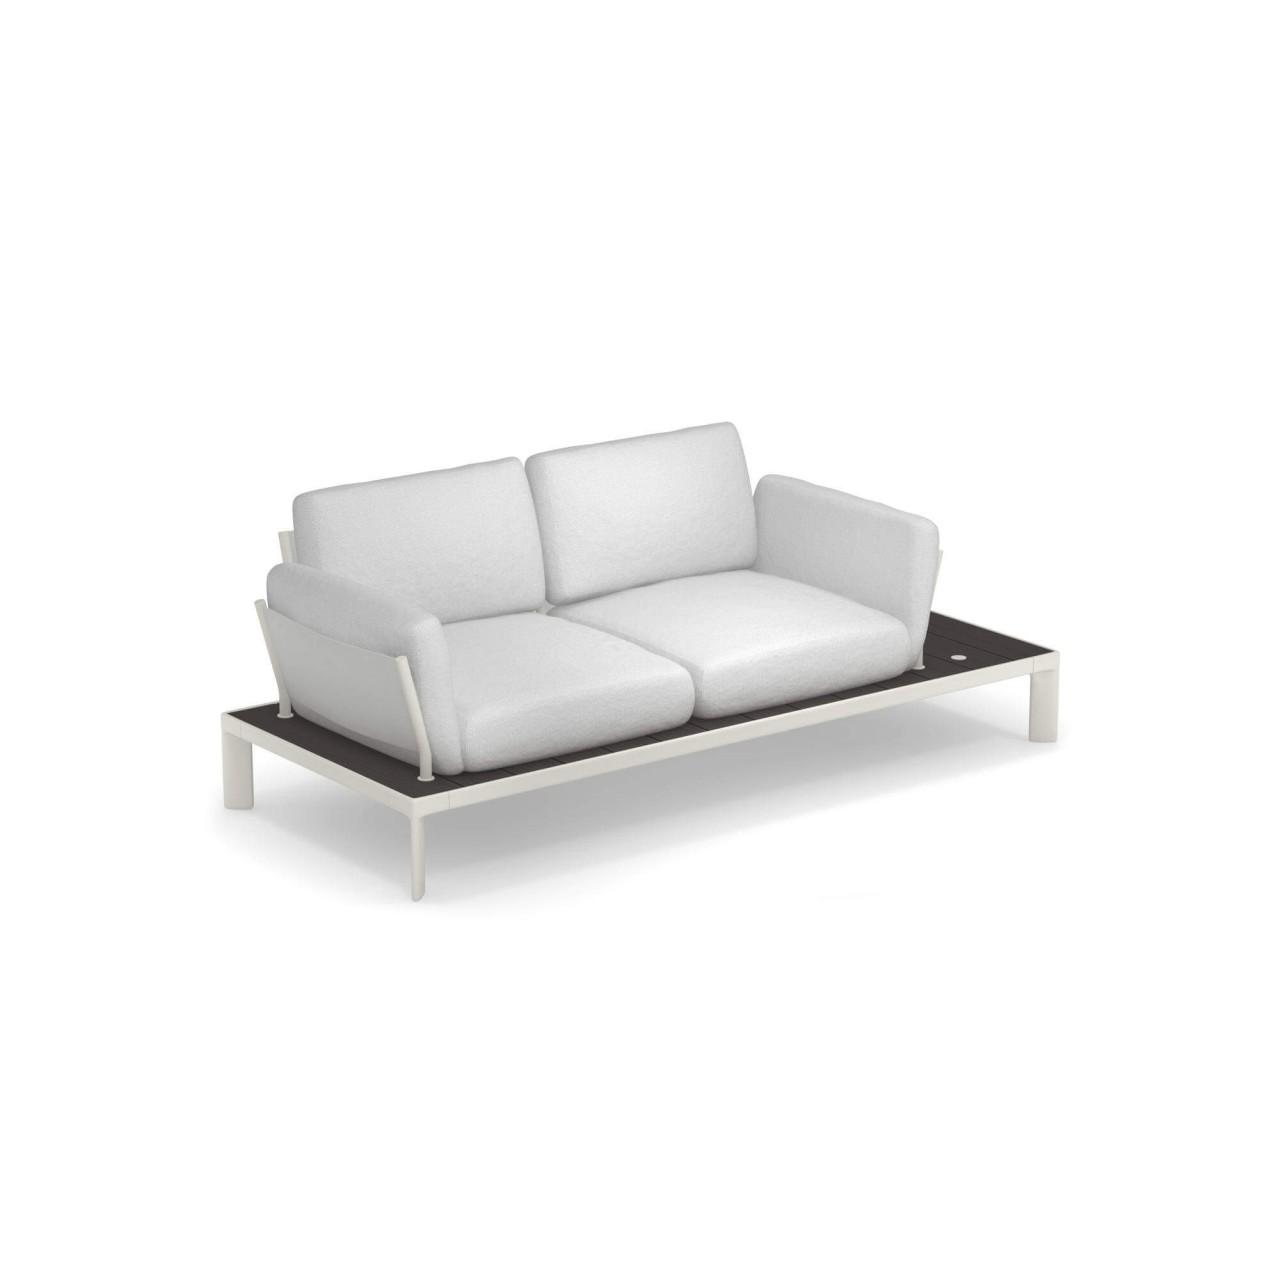 emu Sofa 2-Sitzer Tami Weiß/Anthrazit günstig online kaufen